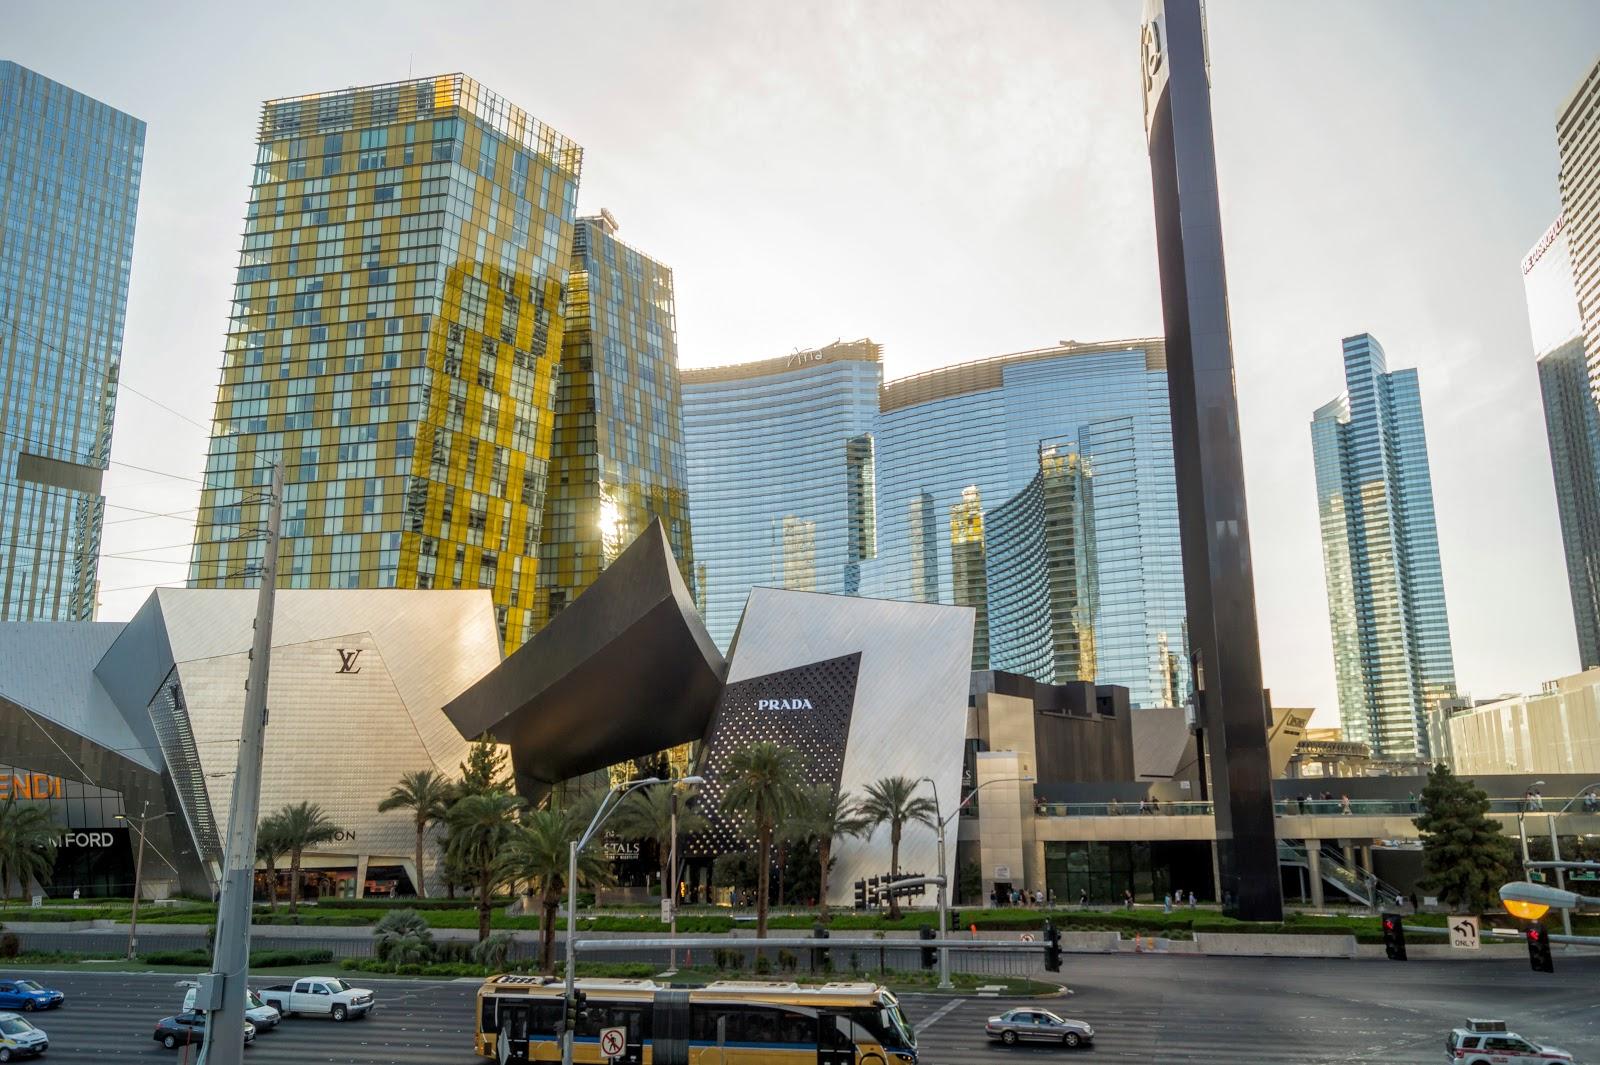 бизнес-центр с офисными небоскрёбами